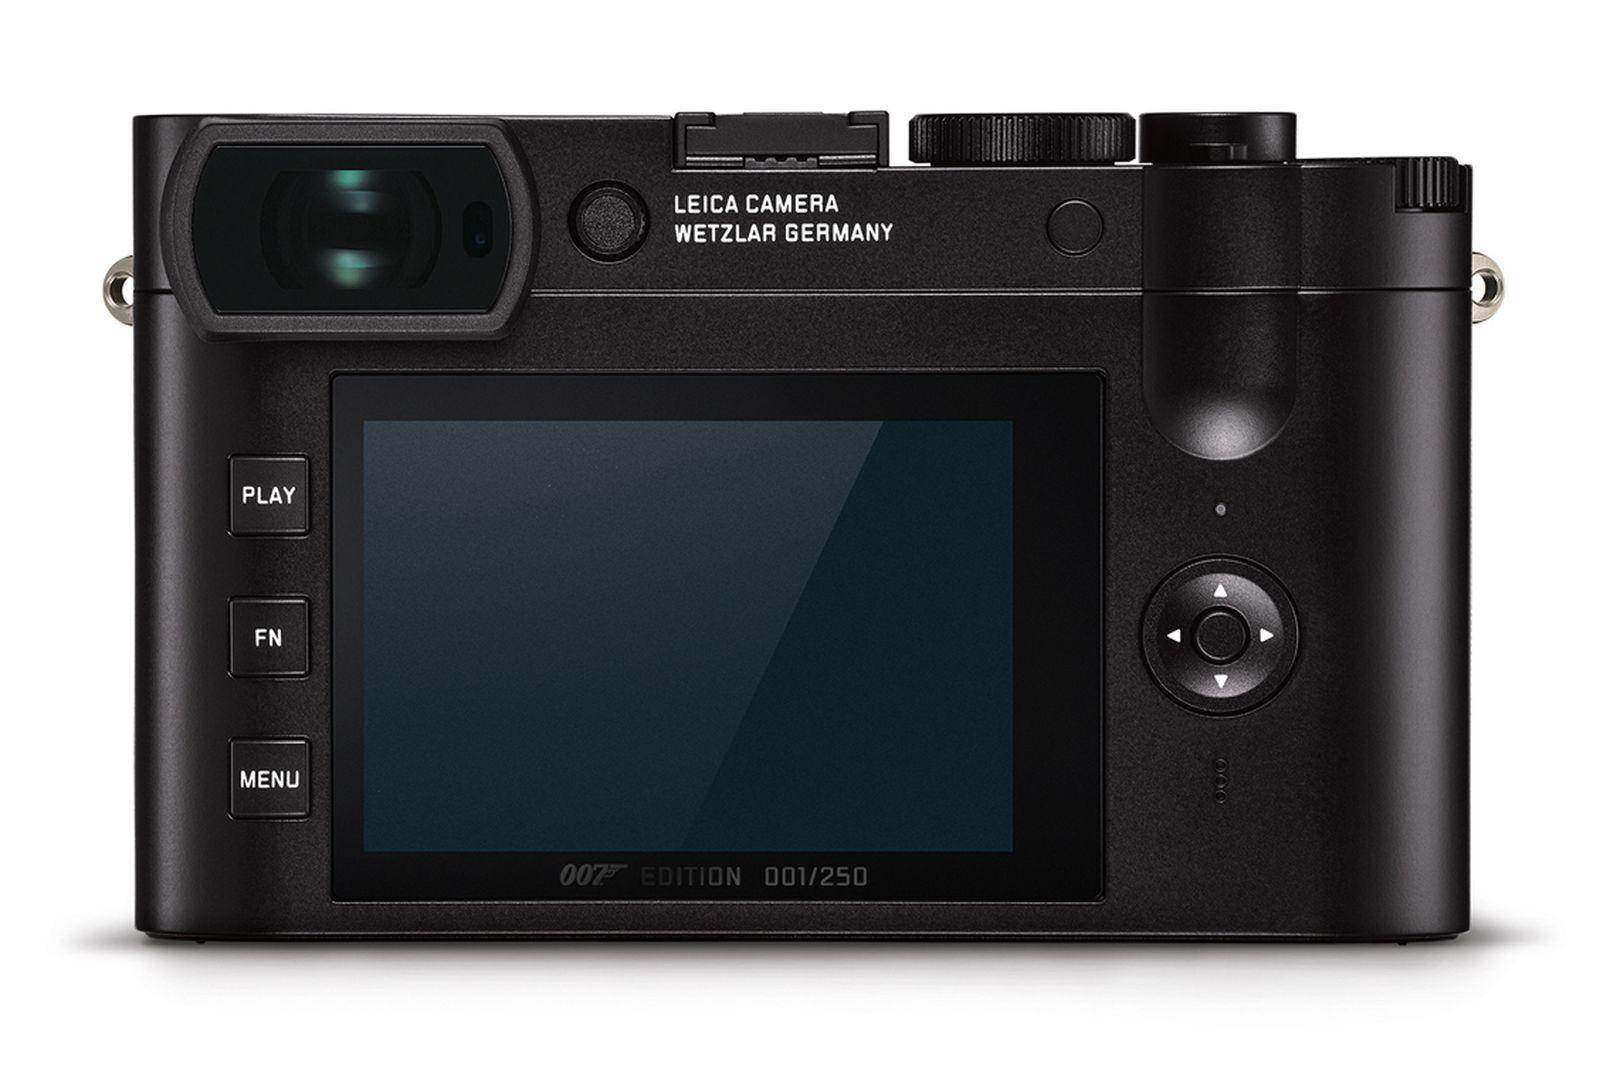 leica-james-bond-007-q2-camera (1)